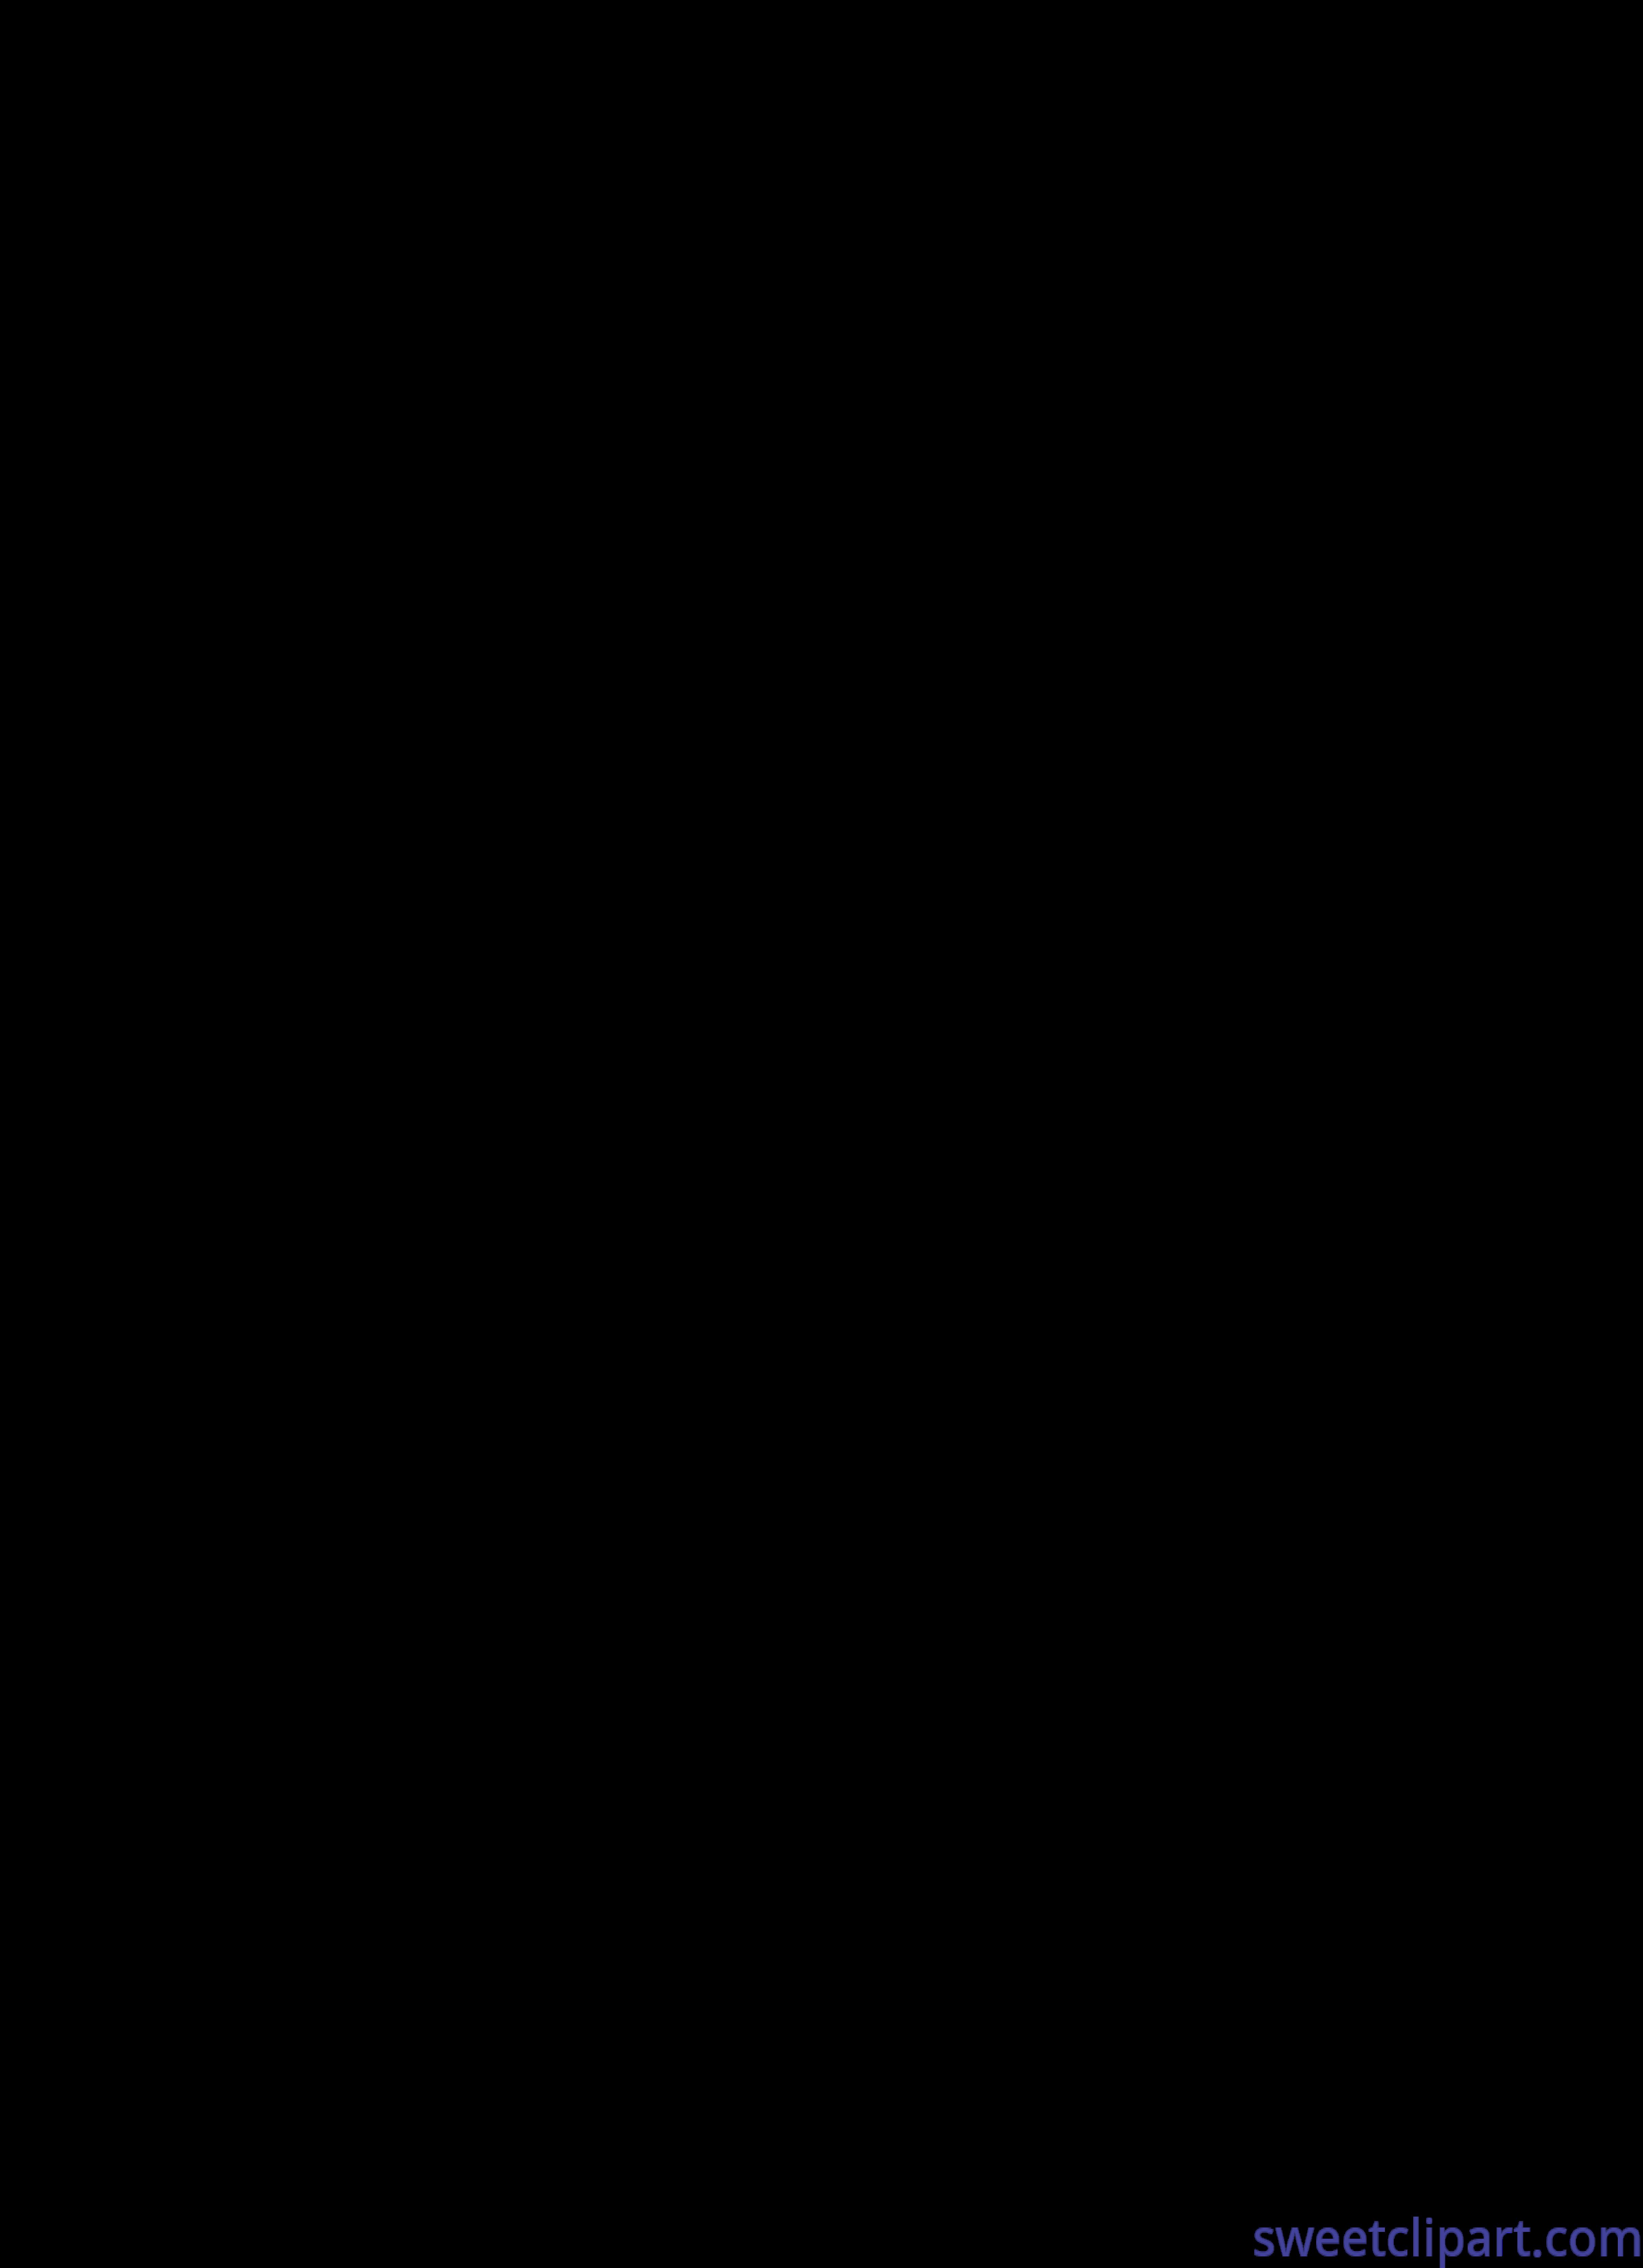 Anchor Silhouette Clip Art